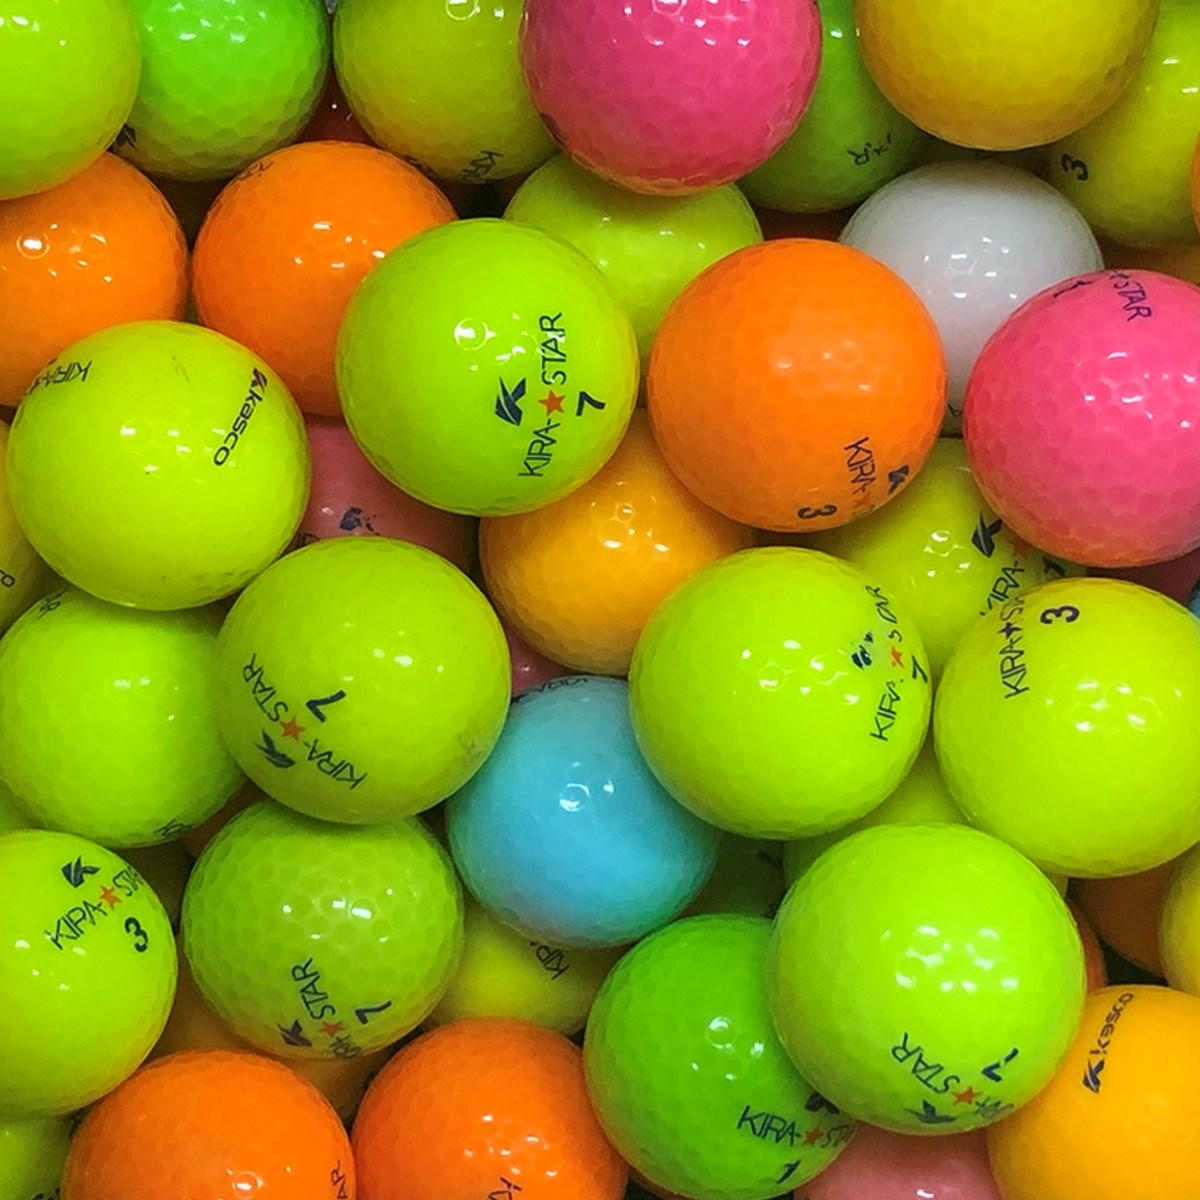 ロストボール キャスコ キラスター 年代混合ECOボール 30個セットレディス